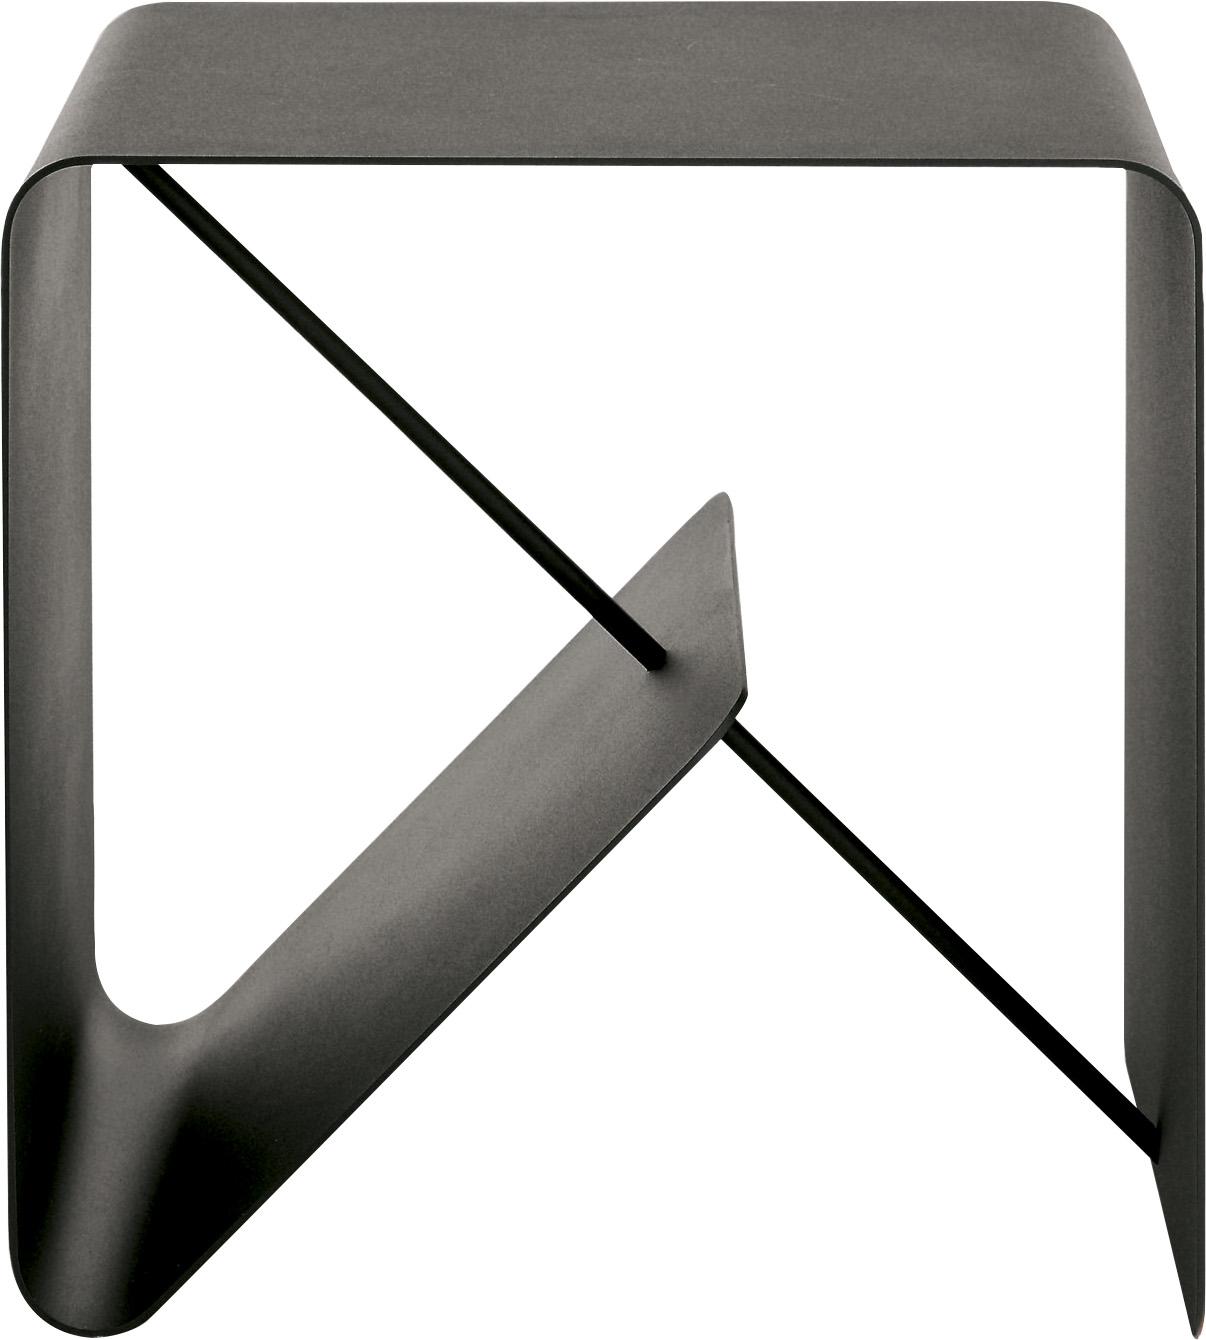 hülsta Beistelltisch MULTI - VARIS 01, aus Metall, Höhe 42,5 cm grau Beistelltische Tische